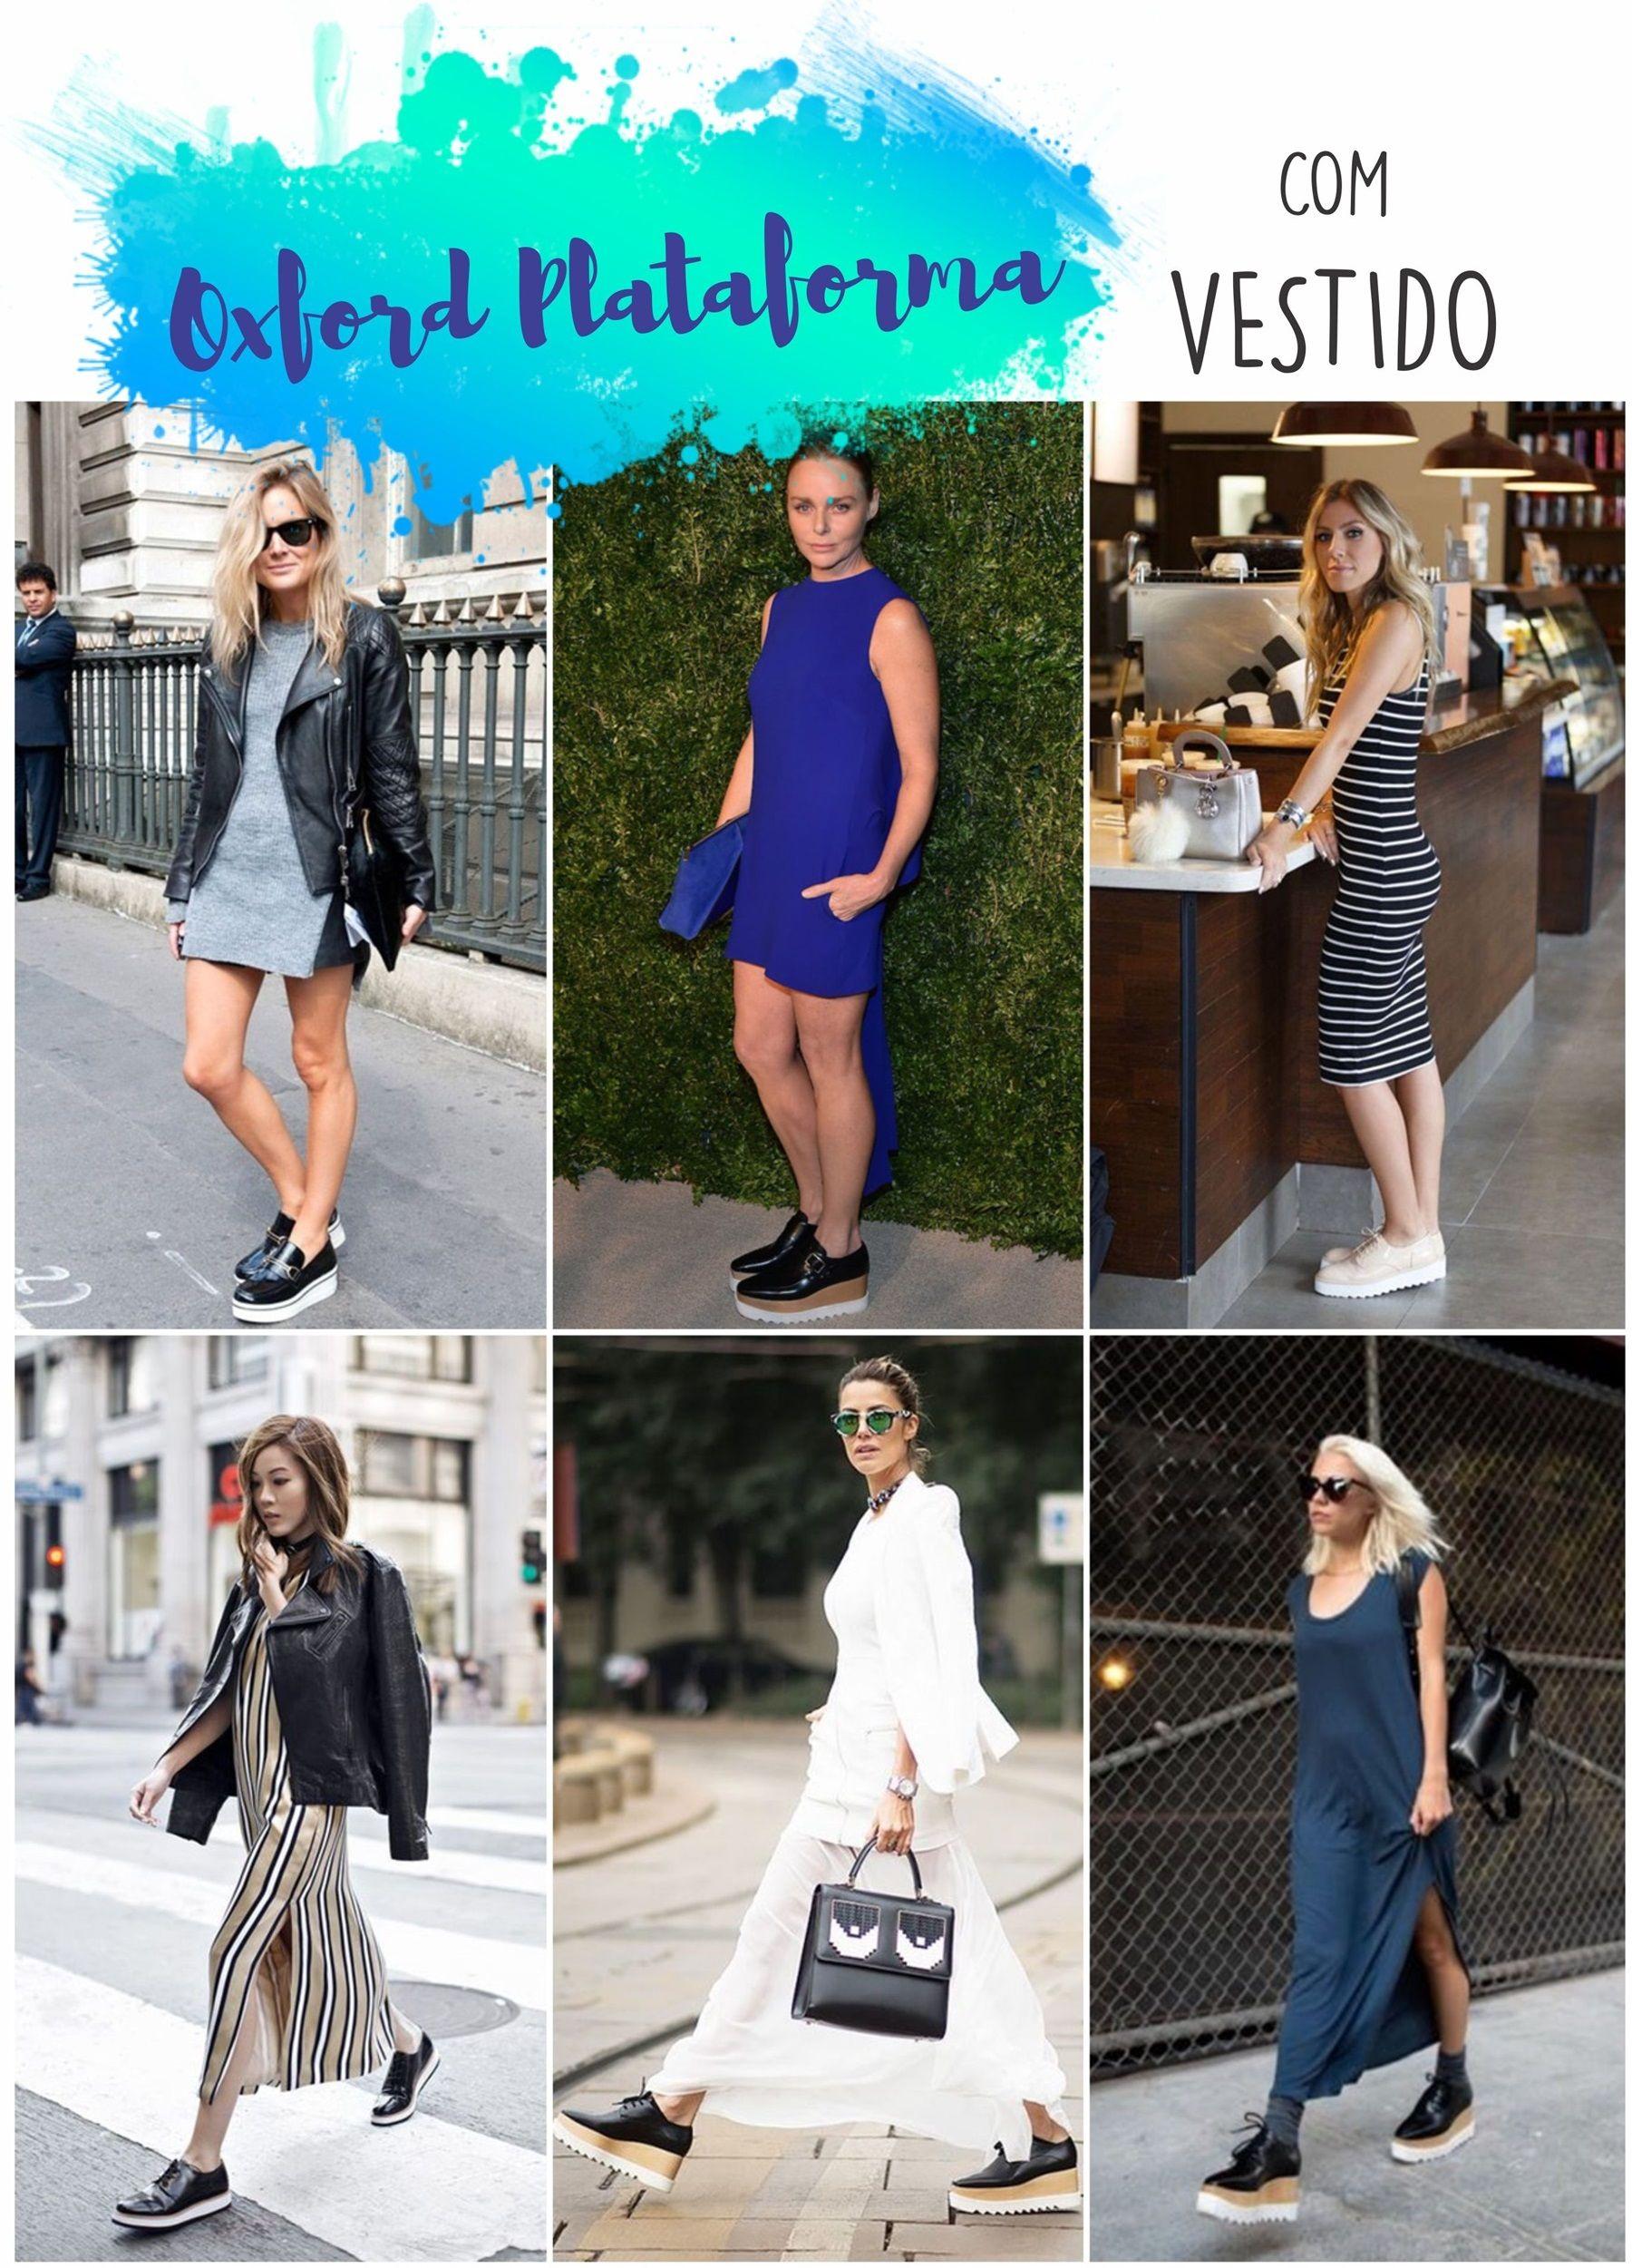 98d722bb0 Looks Estilosos · Como usar OXFORD PLATAFORMA com vestido Vestido Com Sapato,  Vestido Com Tênis, Oxford Feminino